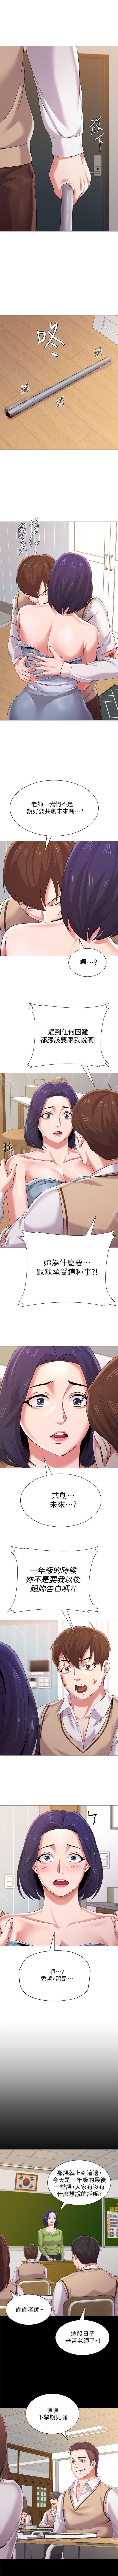 (周3)老师 1-56 中文翻译(更新中) 155